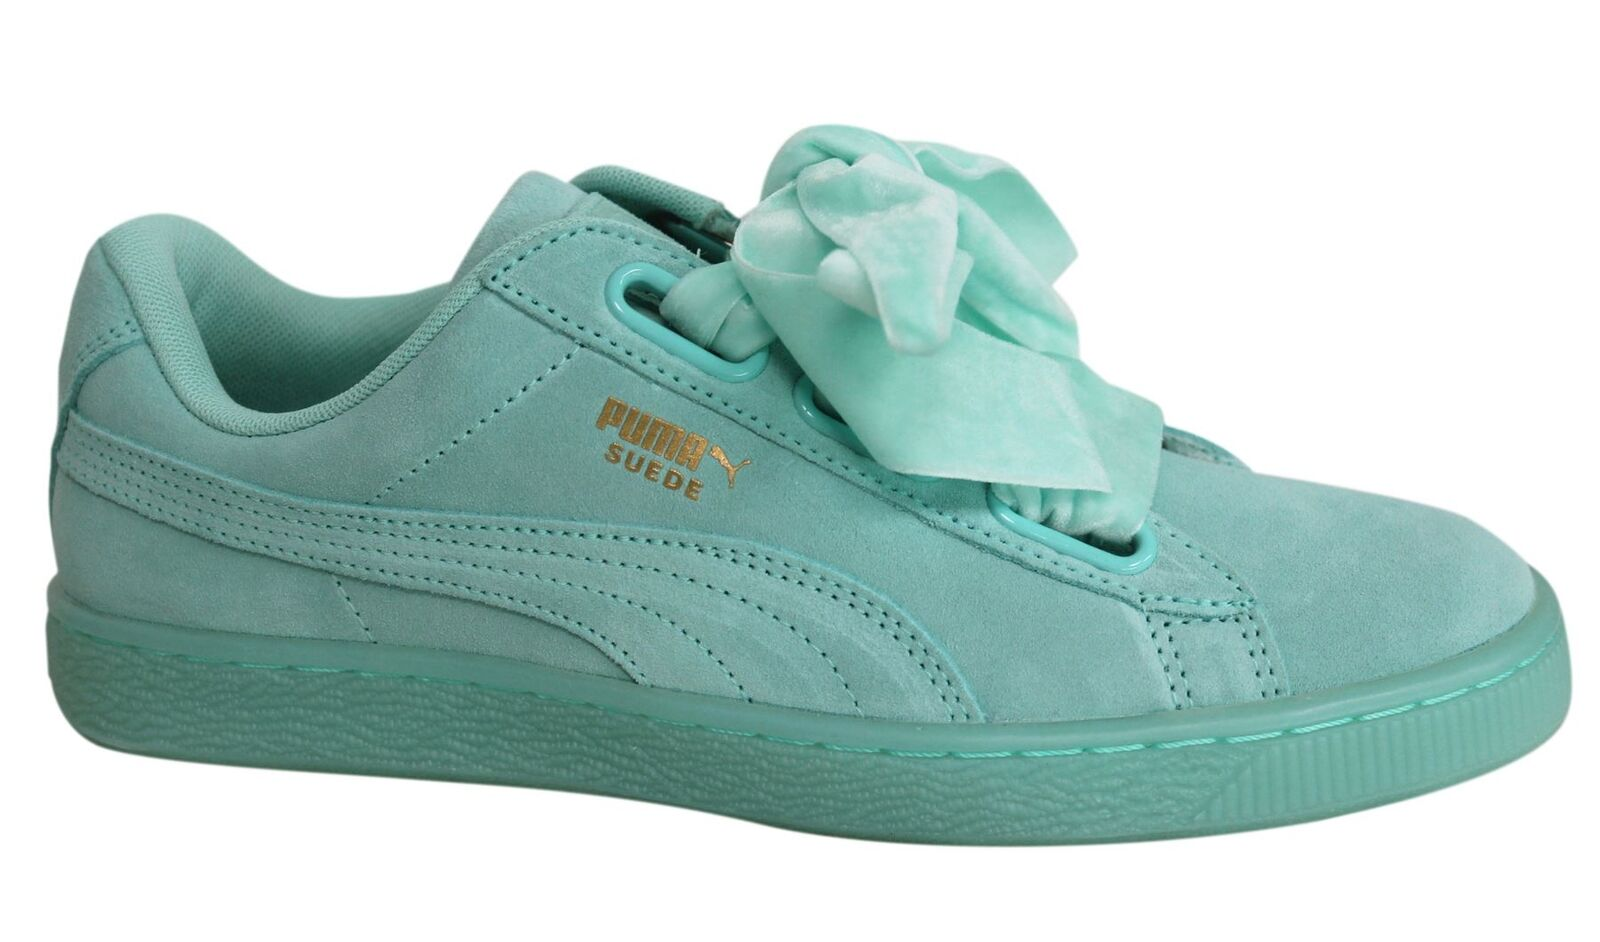 Détails sur Puma Suede Heart Reset Lace Up Aruba Blue Leather Womens Trainers 363229 01 d83 afficher le titre d'origine